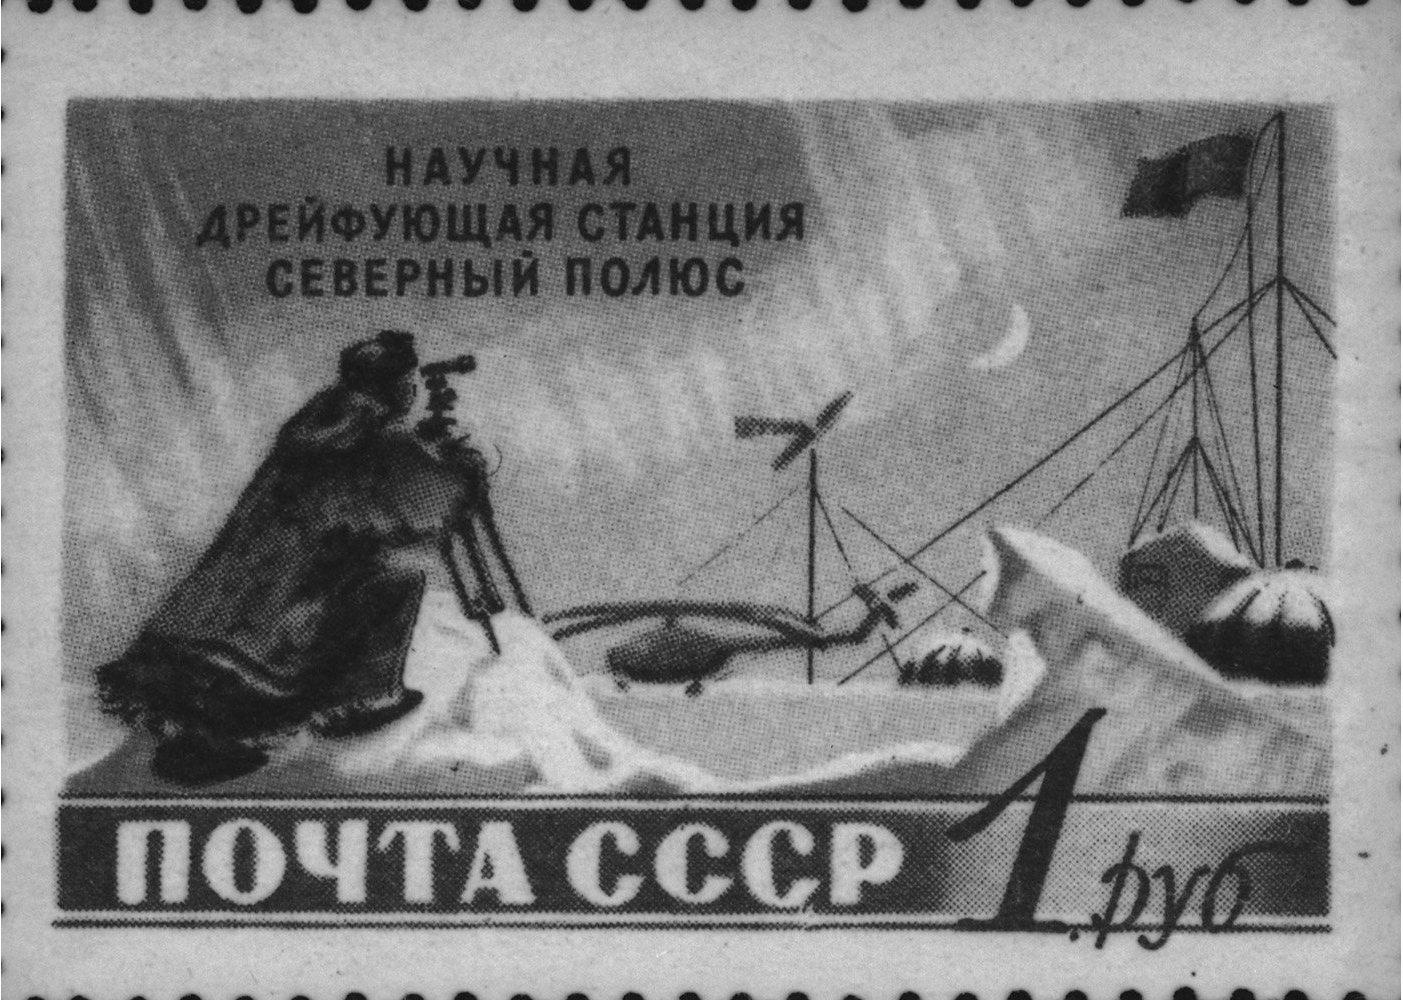 Советская марка, посвященная освоению Арктики и Антарктики. Репродукция